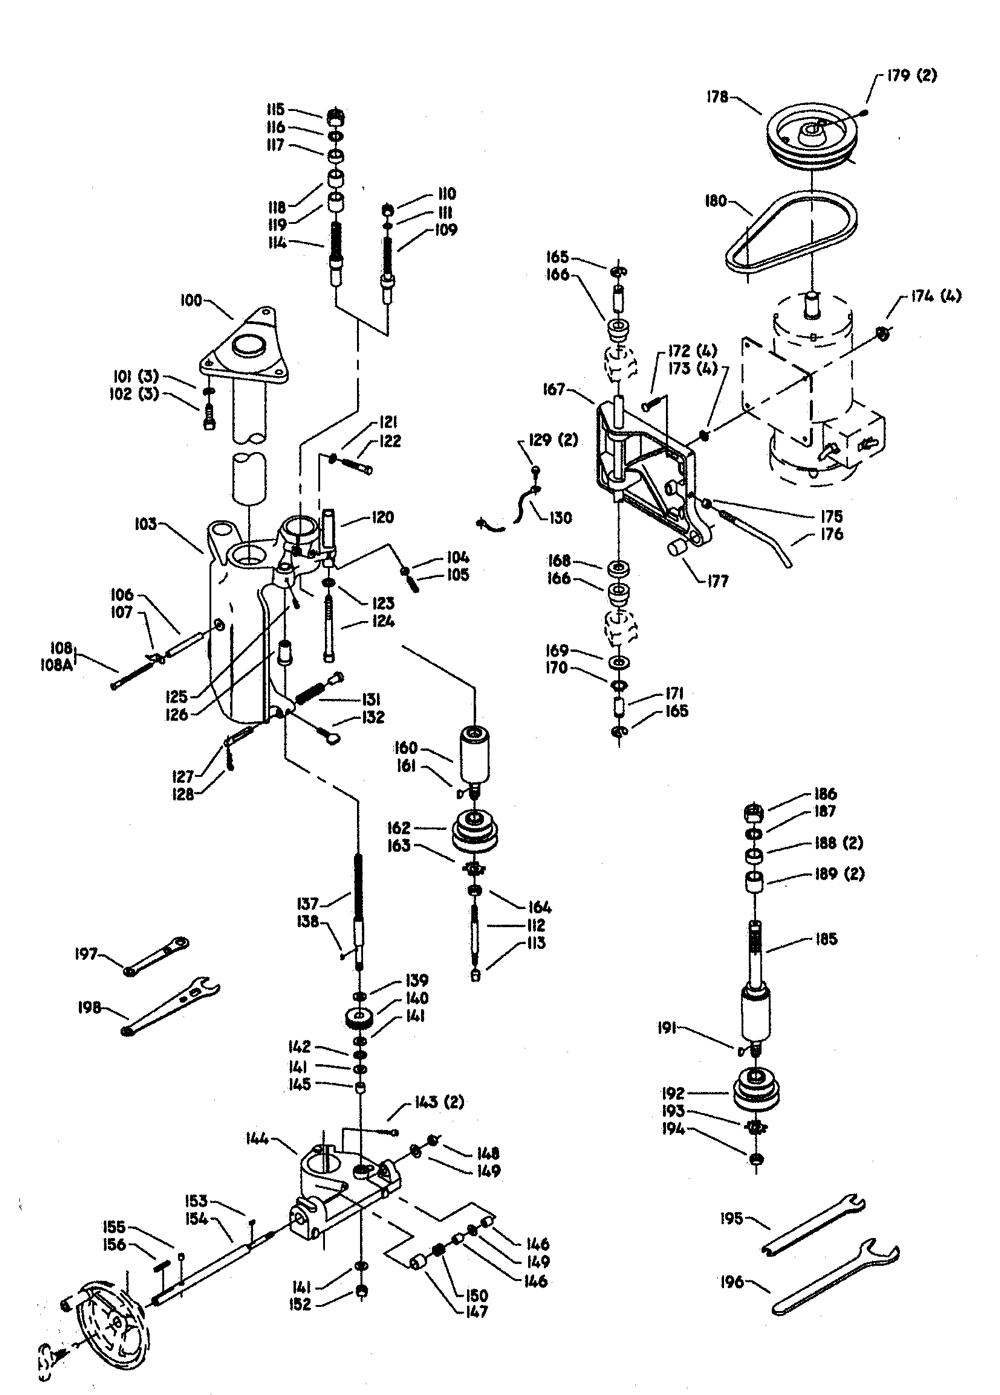 43-385-Delta-T2-PB-1Break Down